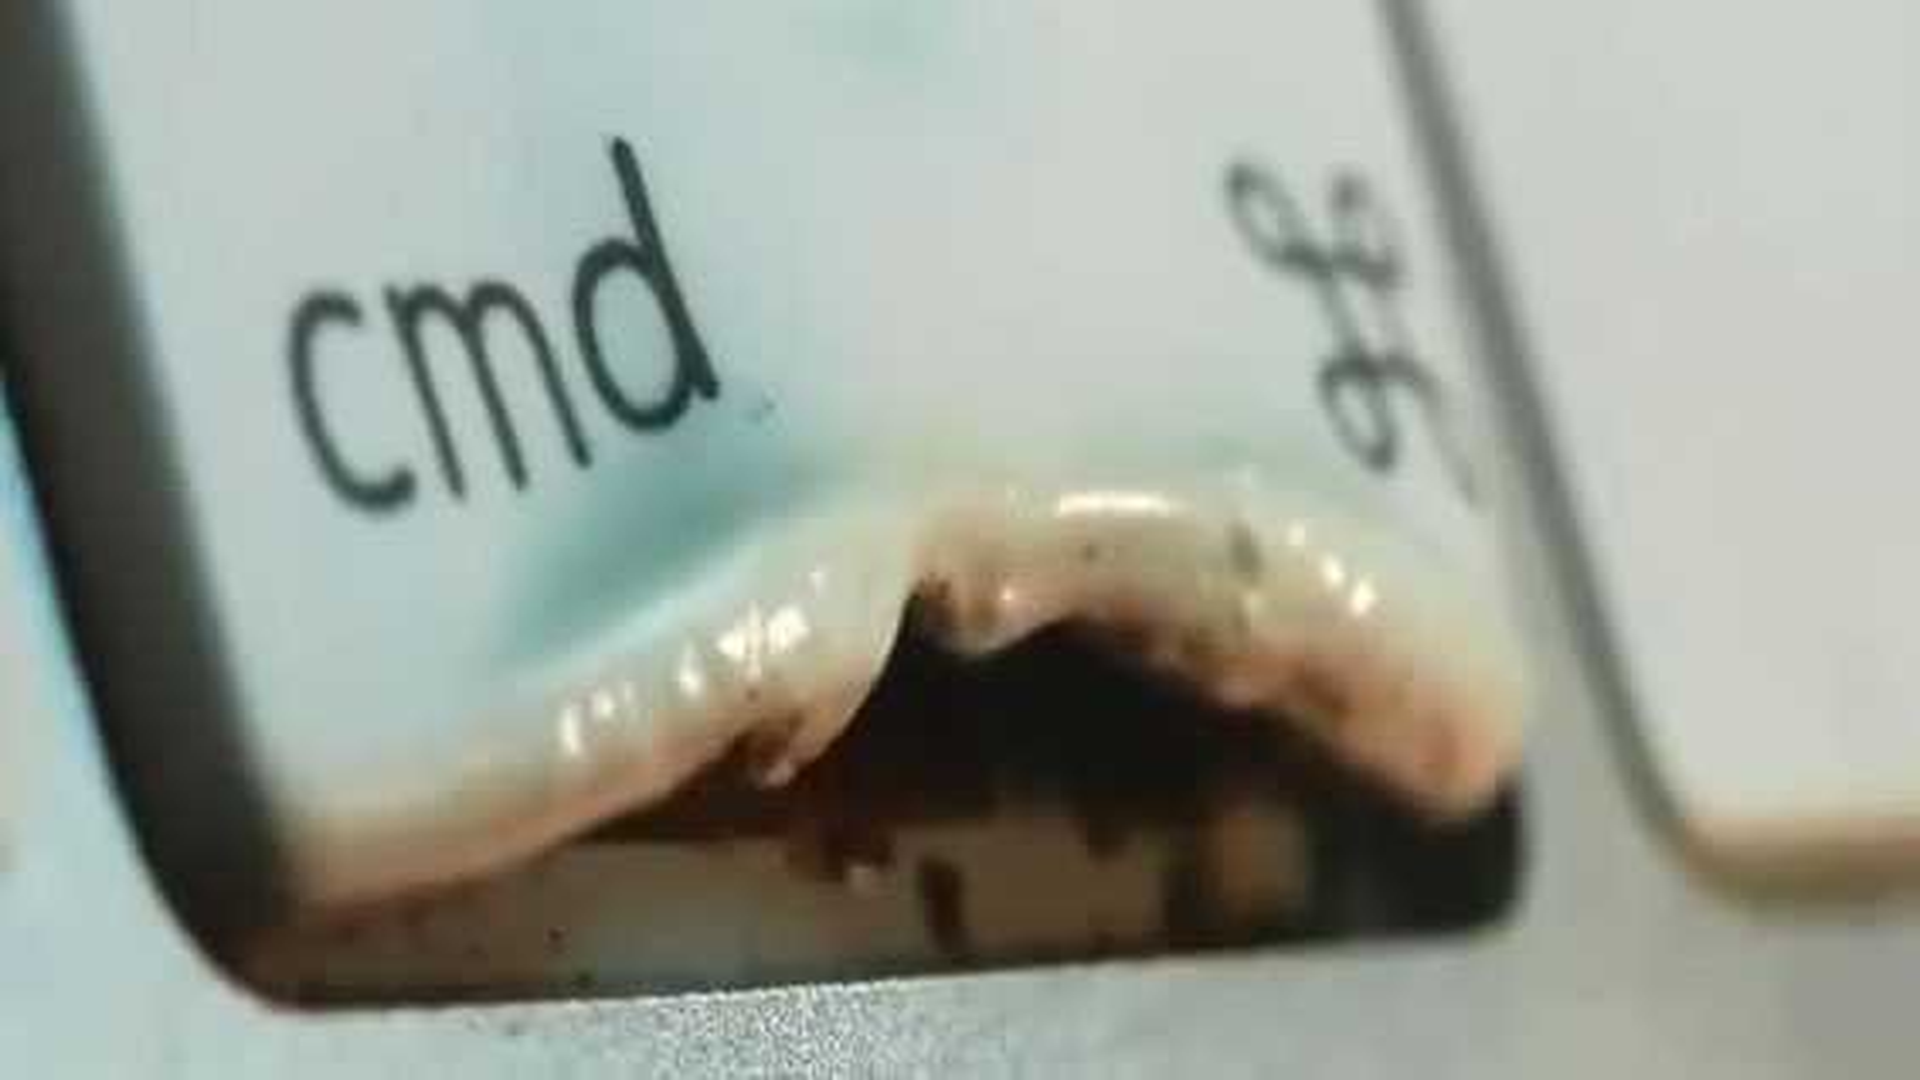 ذوب اجسام از دید ماکرو | فیلم